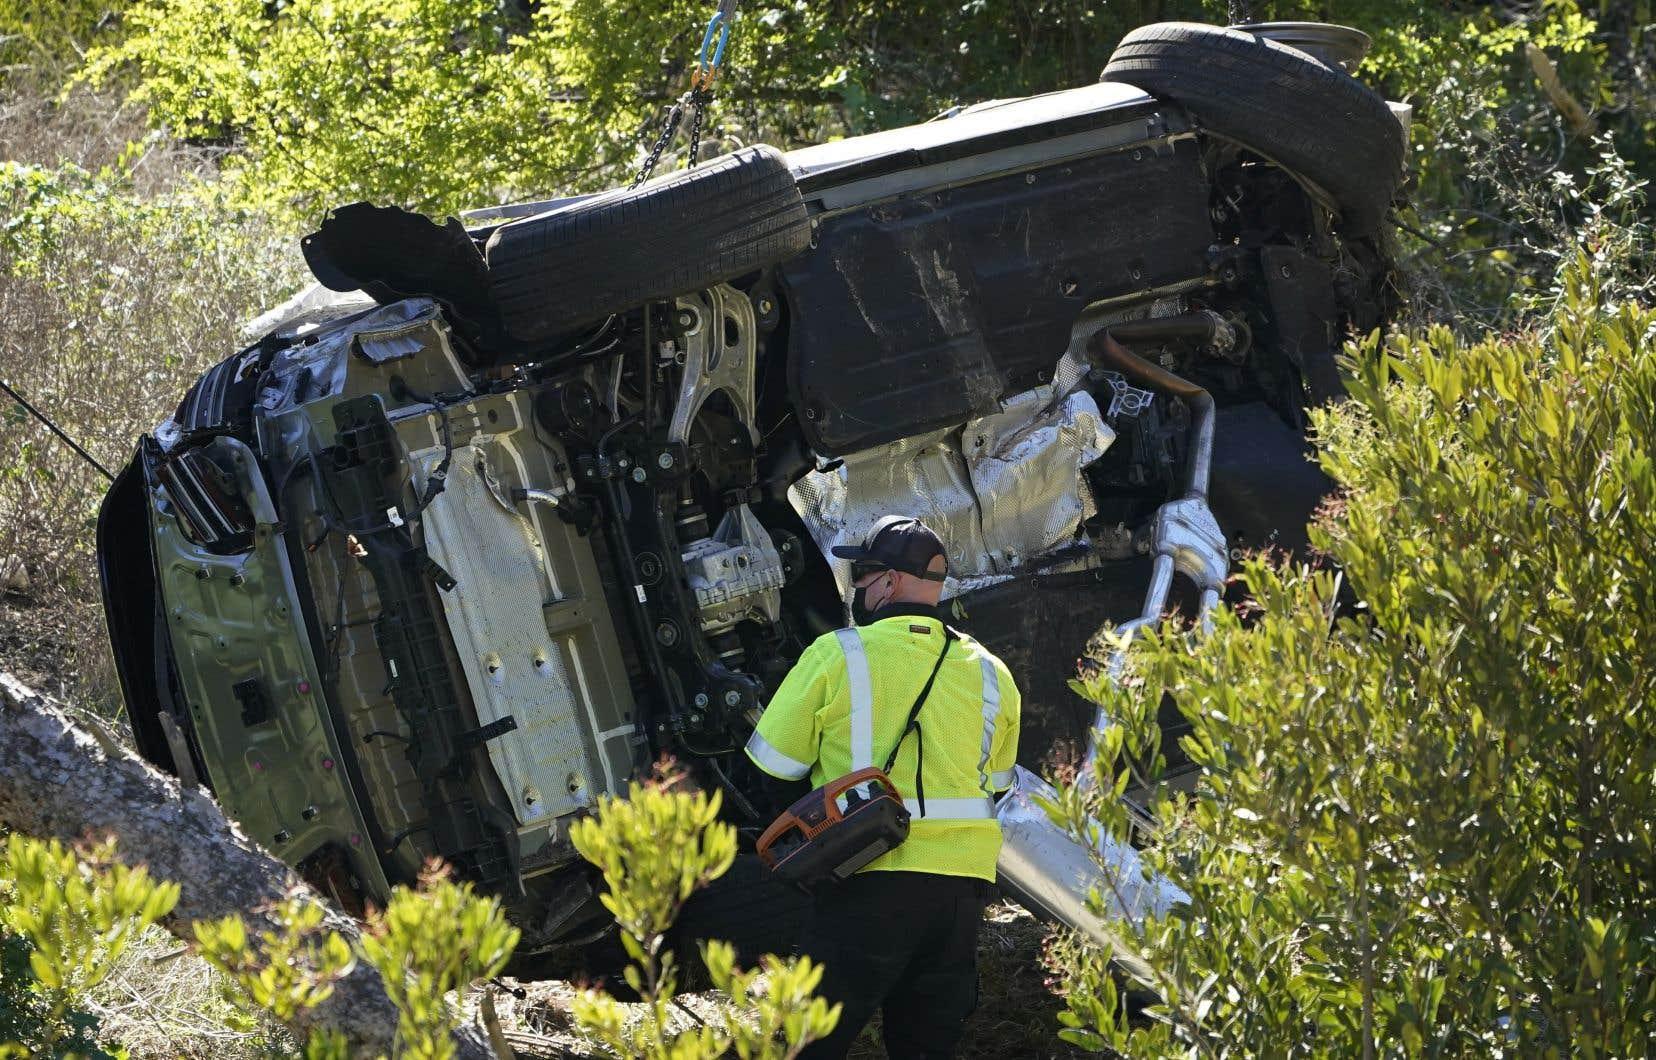 Les secours ont dû utiliser un outil spécialisé et une hache pour extraire de sa voiture Tiger Woods, qui a ensuite été évacué vers un hôpital voisin disposant d'une unité de traumatologie, ont expliqué les autorités, mardi.